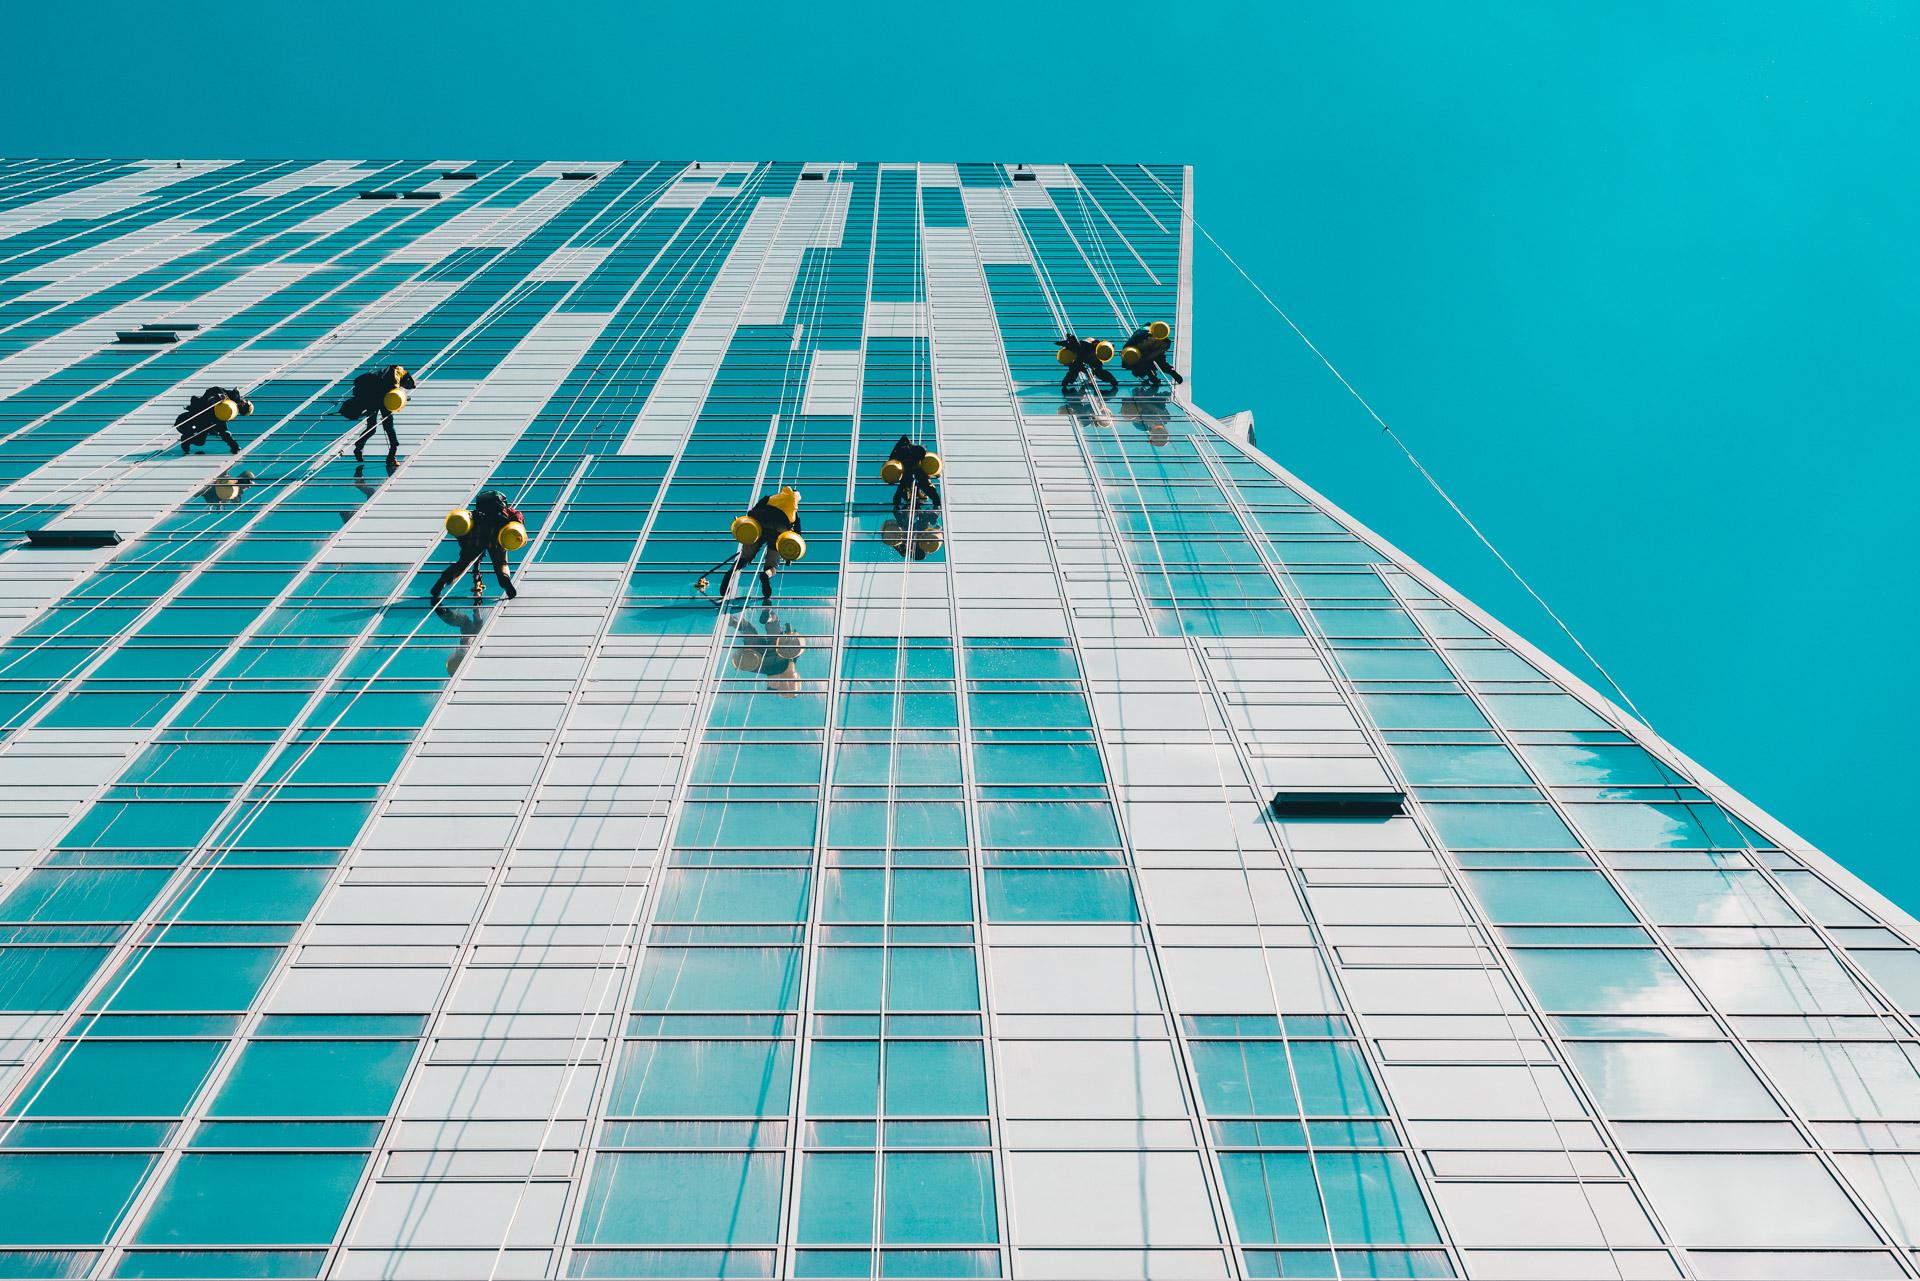 Zdjęcie wysokiego budynku w Warszawie